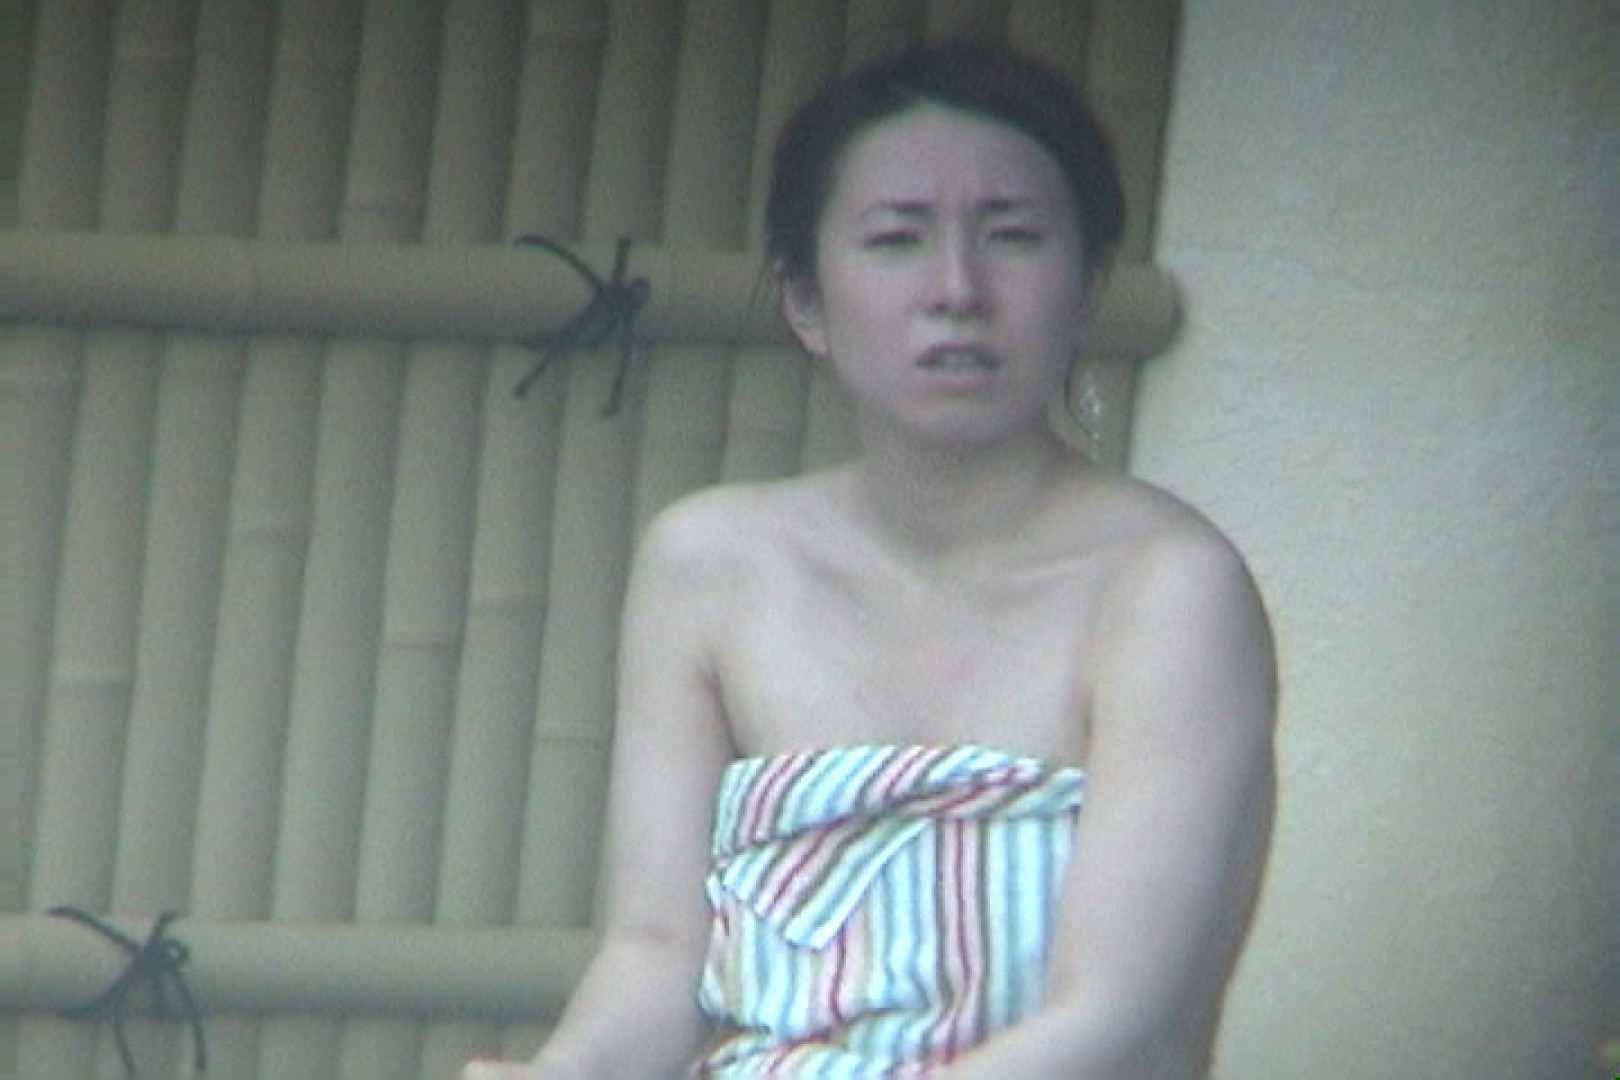 Aquaな露天風呂Vol.106 OLハメ撮り  43Pix 6